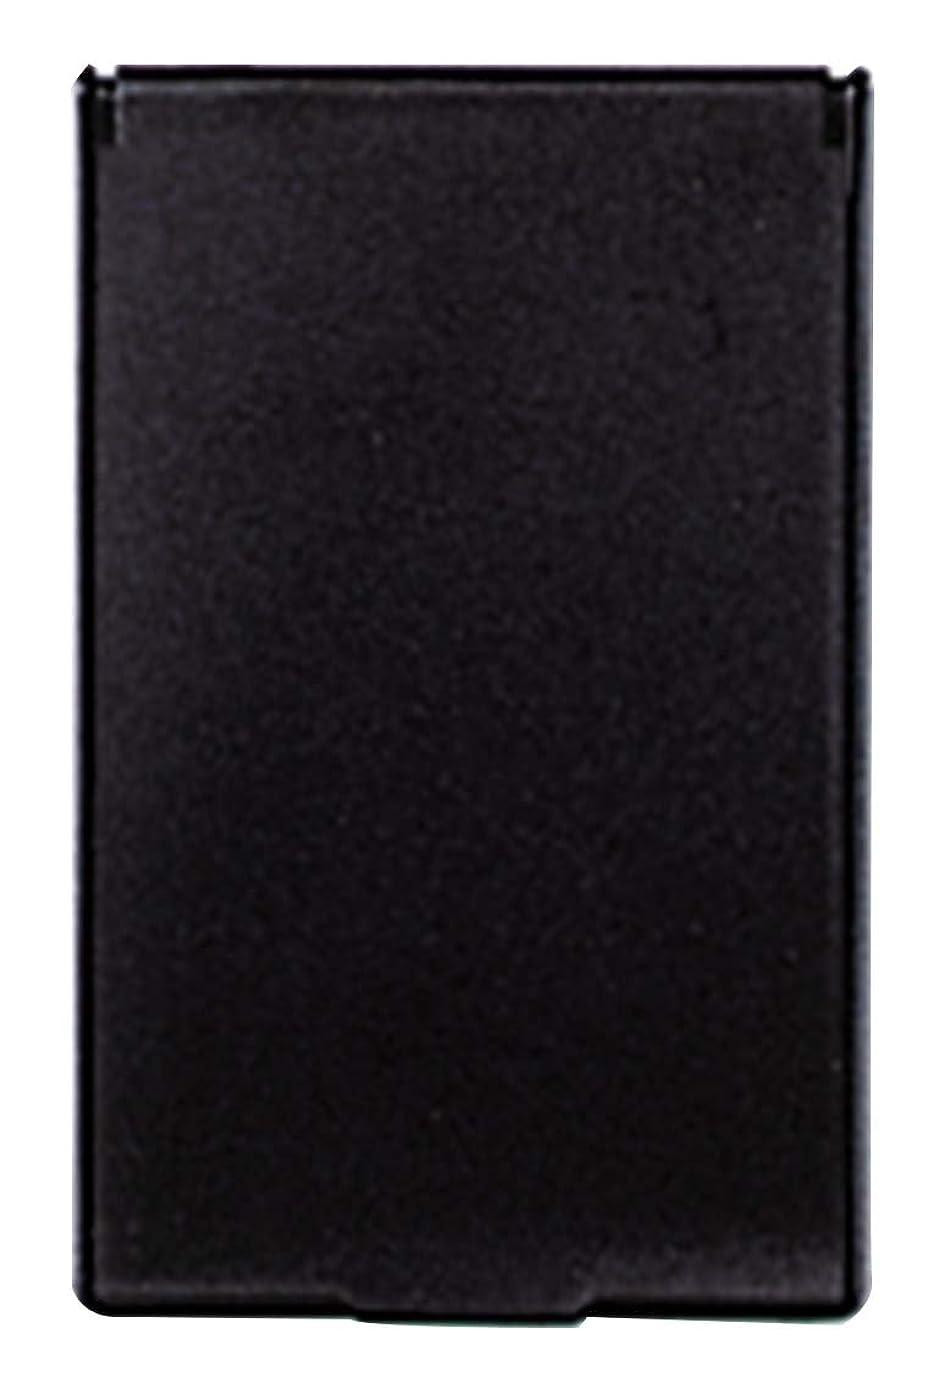 ビブレ 角型 コンパクトミラー S ブラック Y-3572